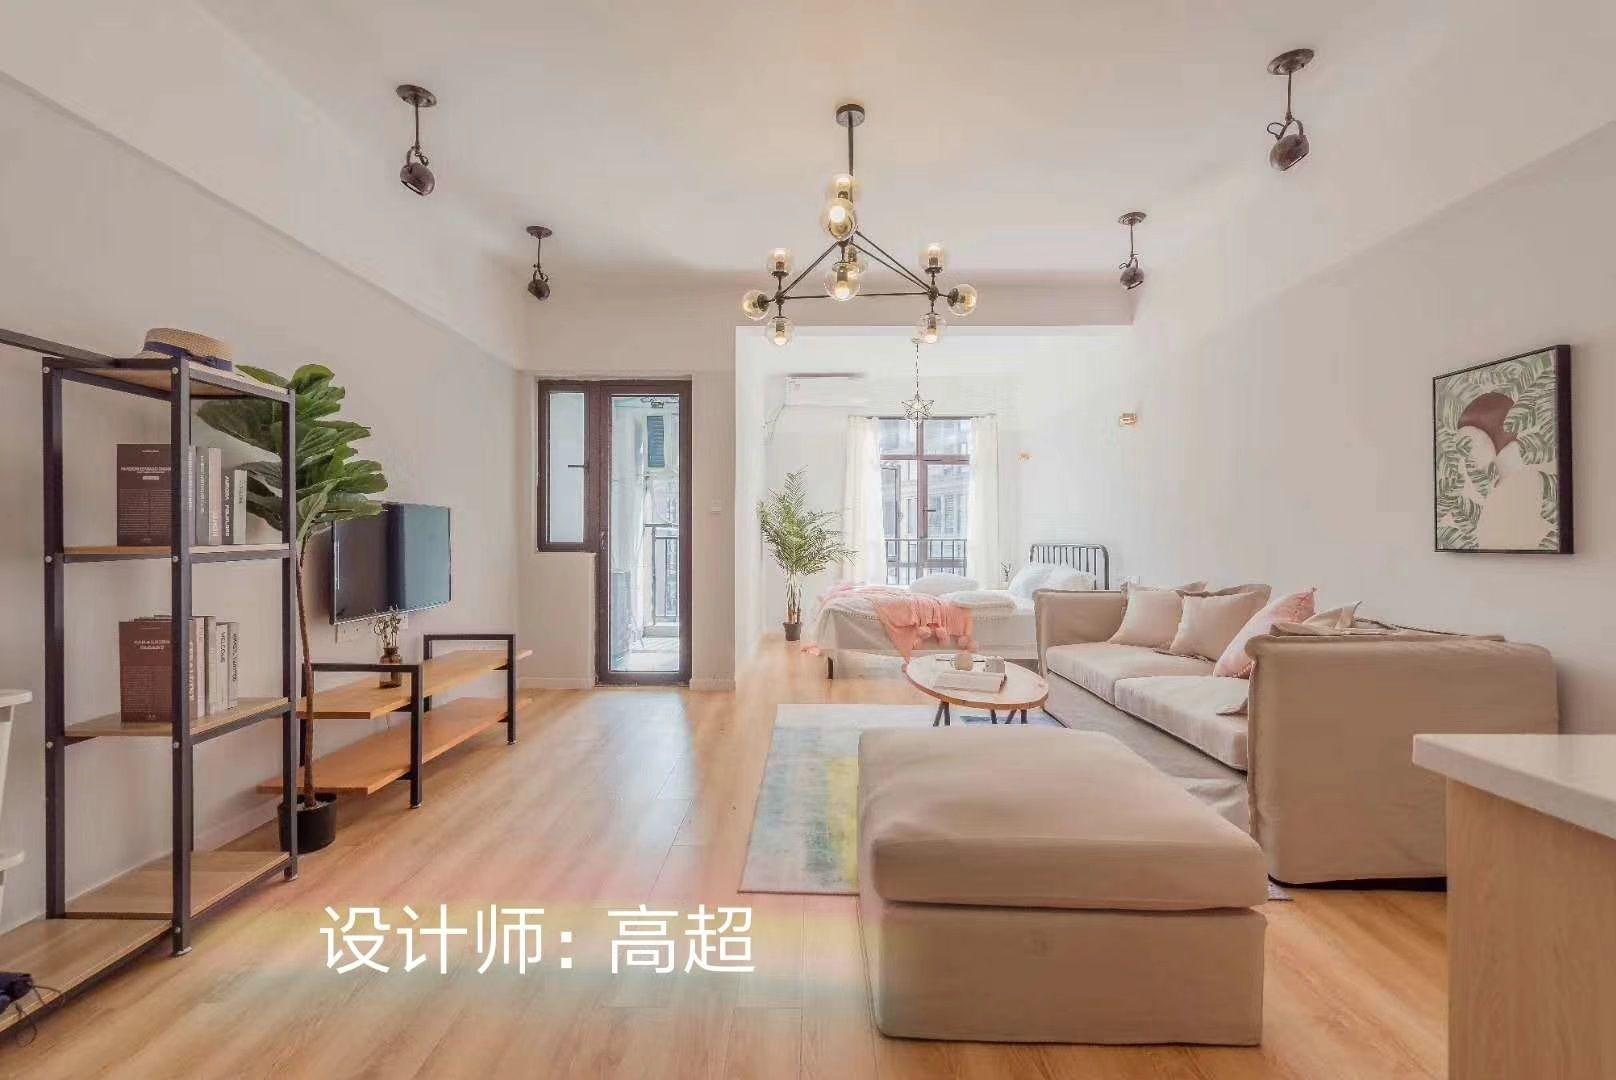 重庆西港装饰公司项目案例单间配套